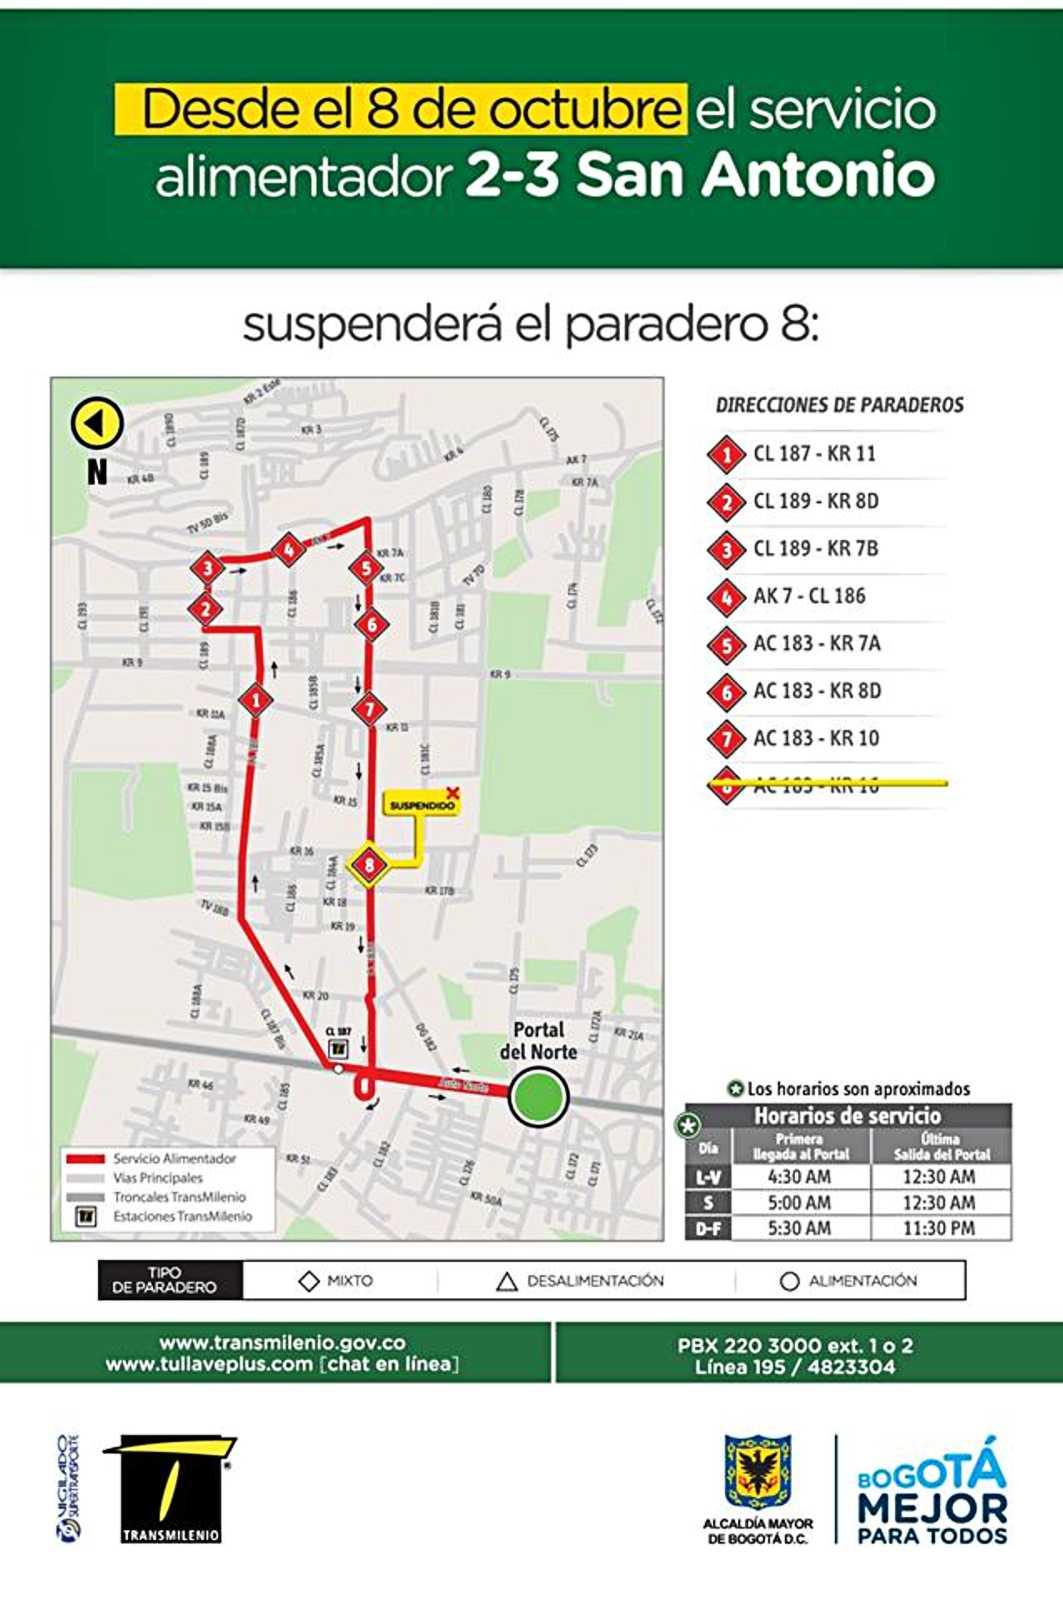 Mapa de la ruta alimentadora 2-3 San Antonio